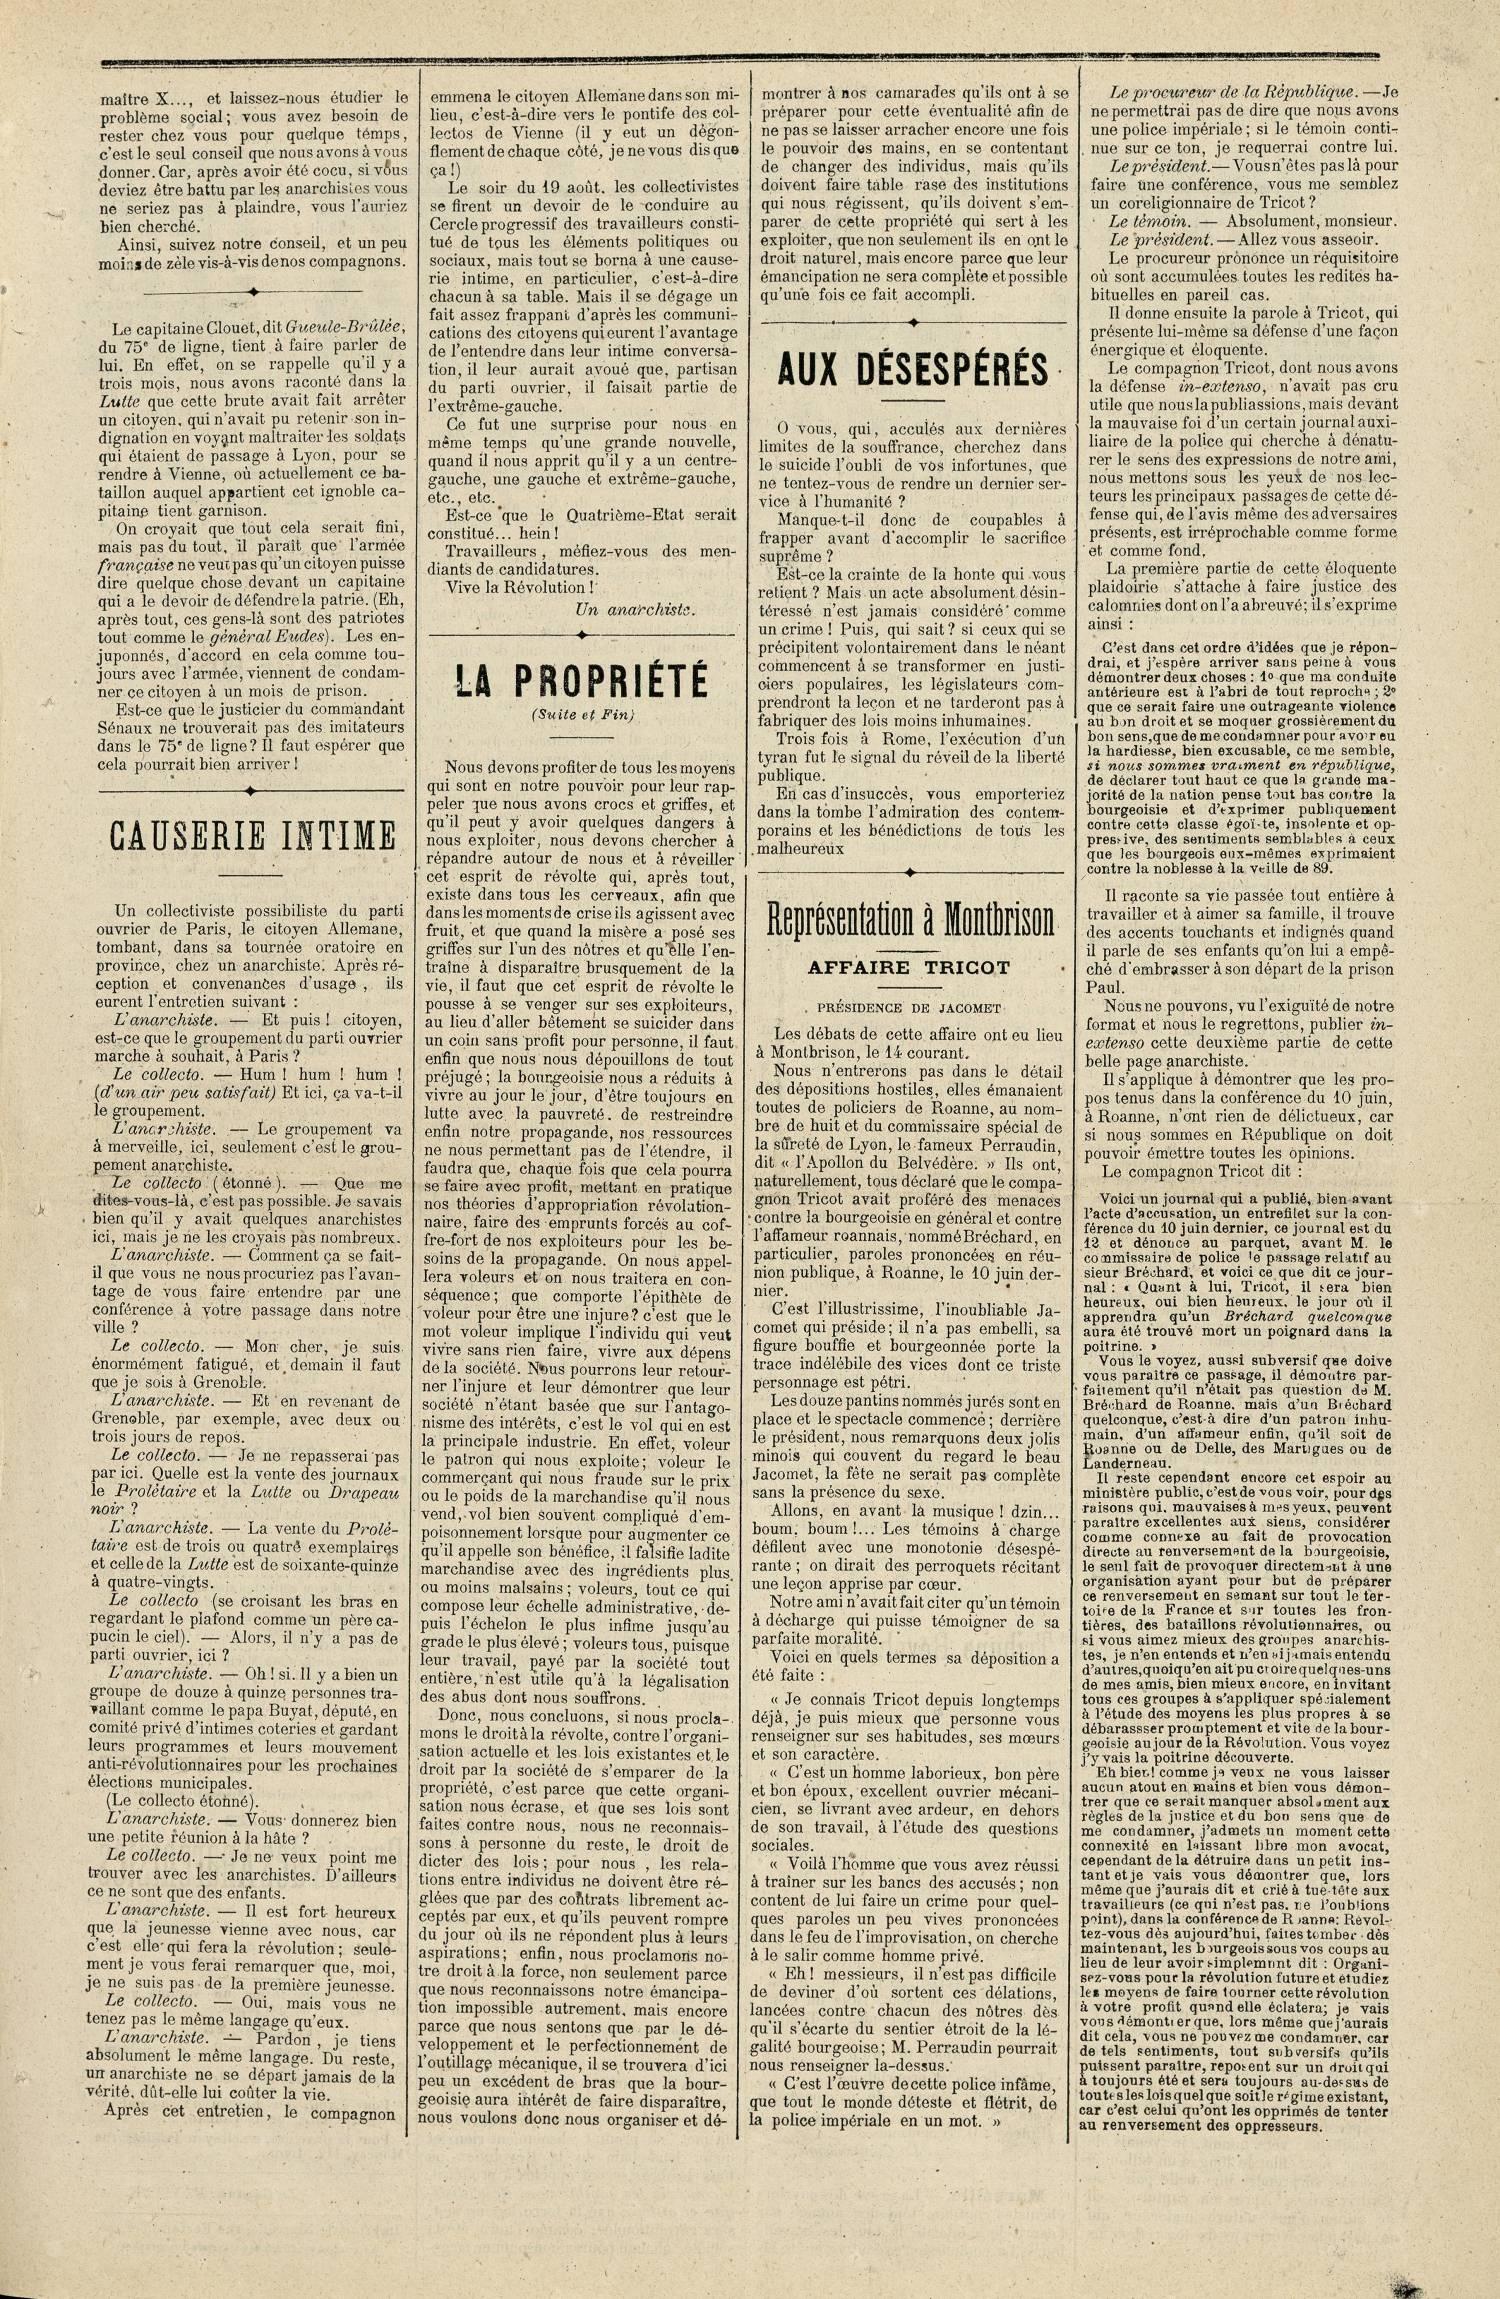 Contenu textuel de l'image : AUX DÉSESPÉRÉS